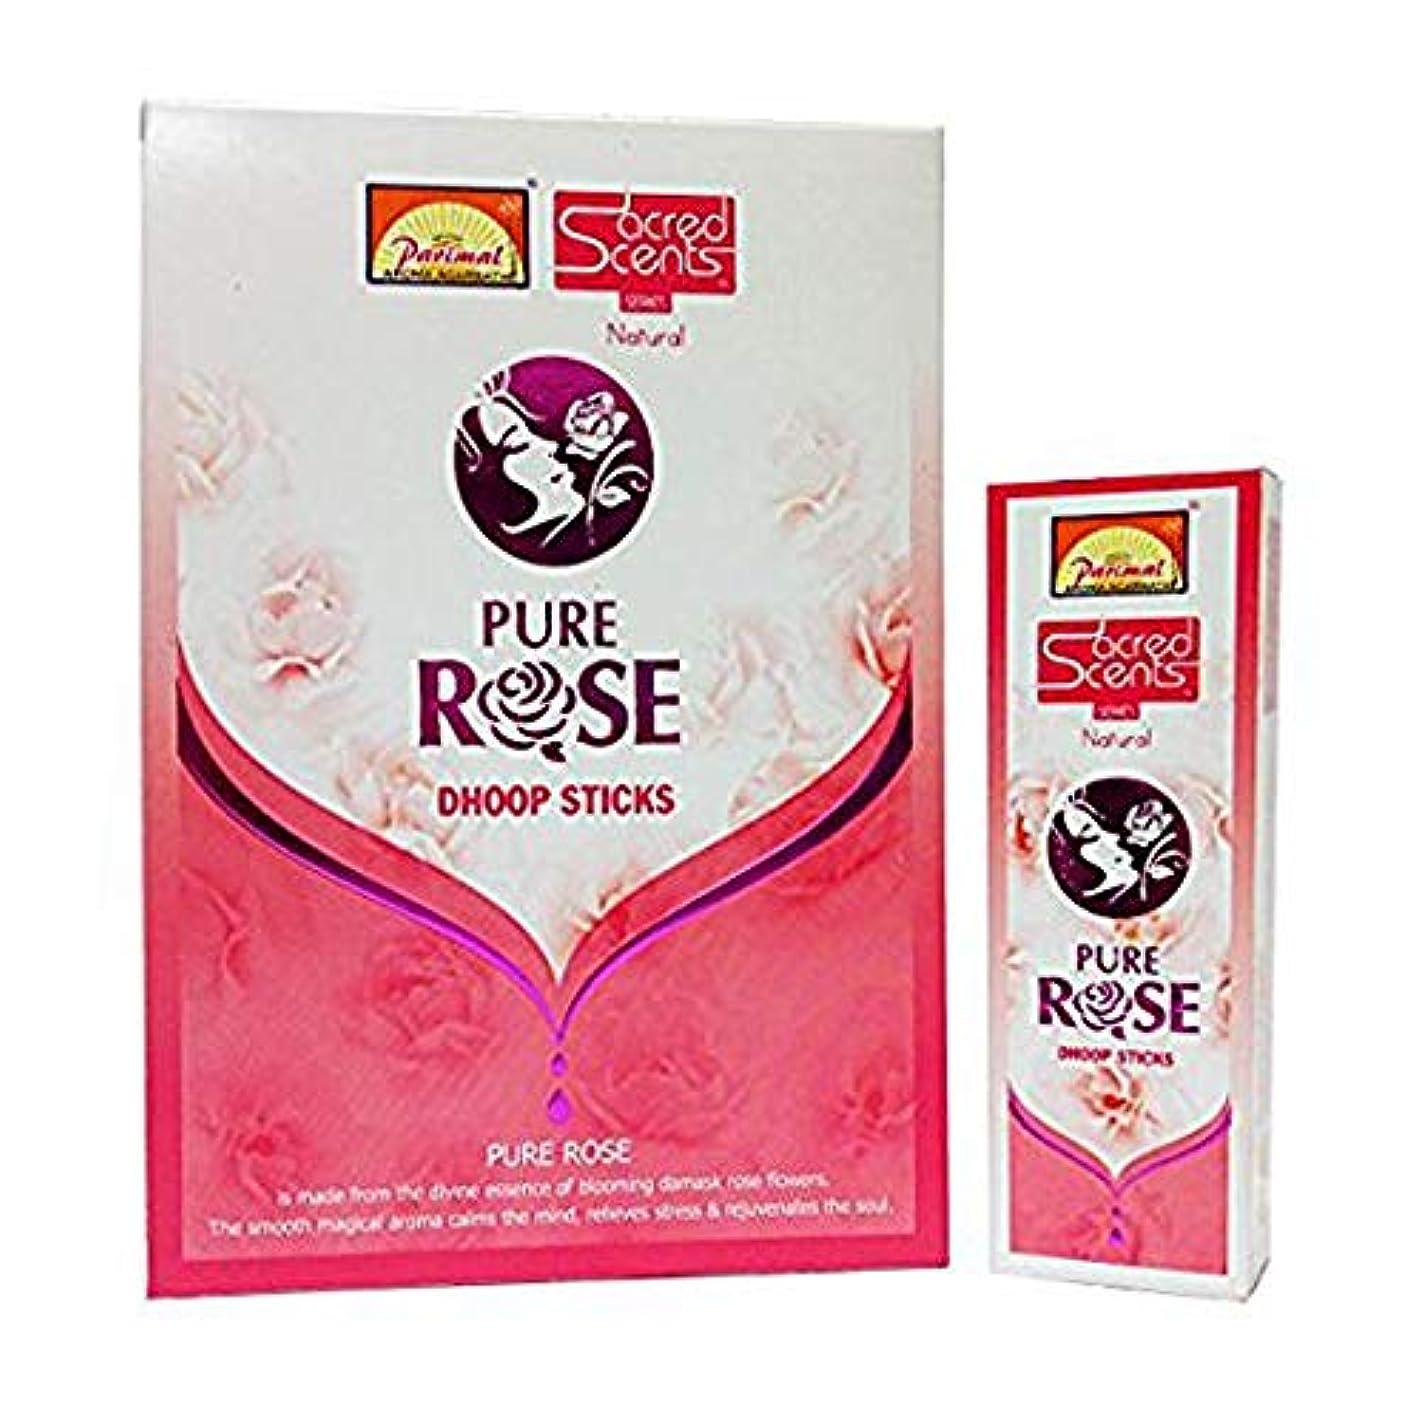 トロピカル牧草地普遍的なParimal Sacred Scents Pure Rose Dhoop Sticks 50グラムパック、6カウントin aボックス